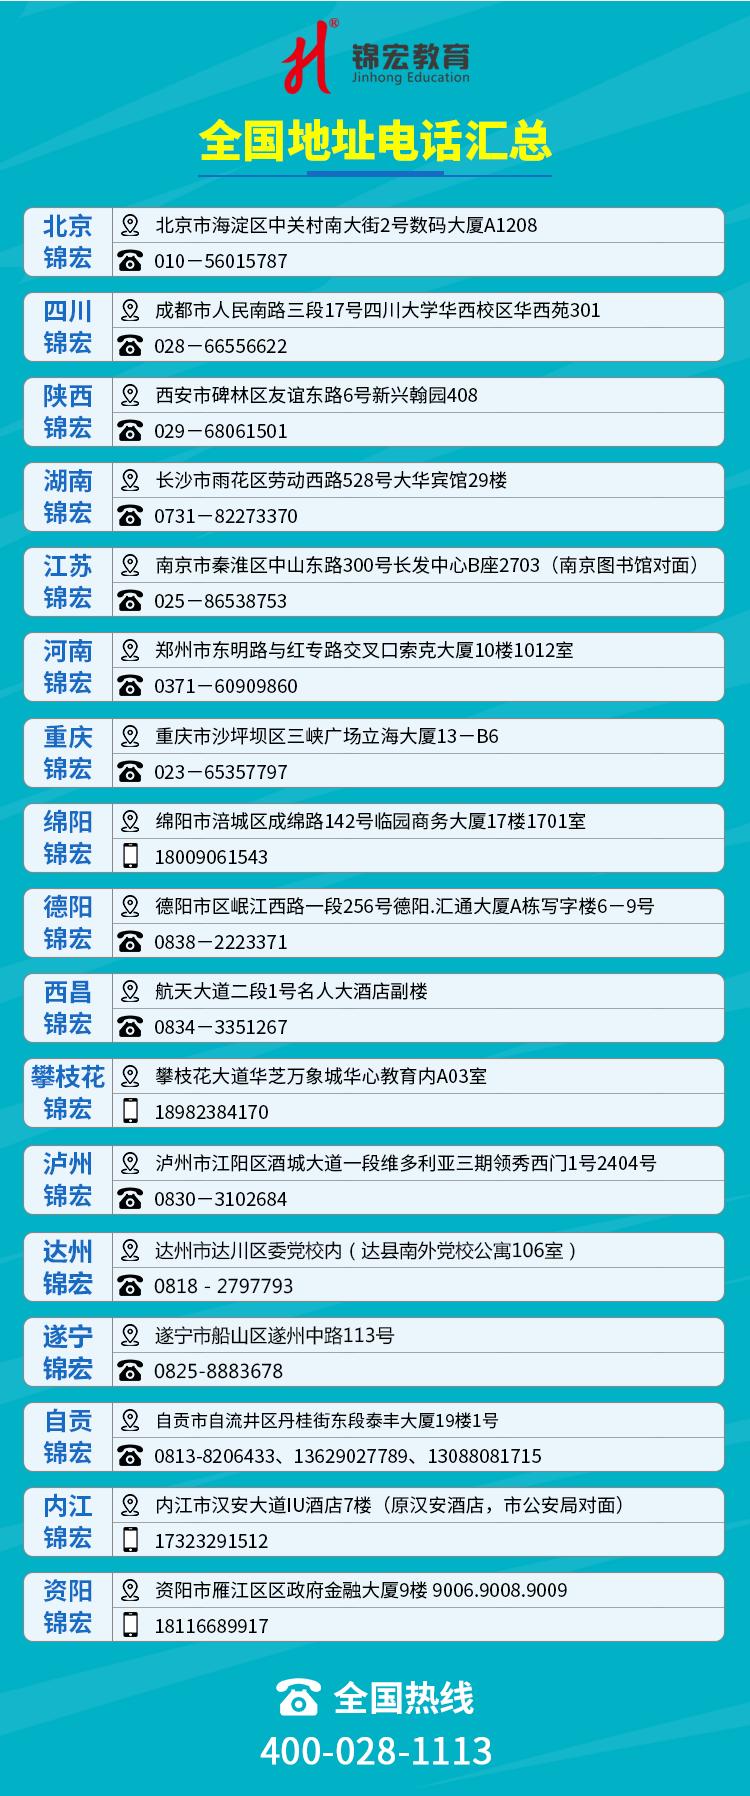 锦宏高考全国联系地址、电话--2021.4.13 APP.png